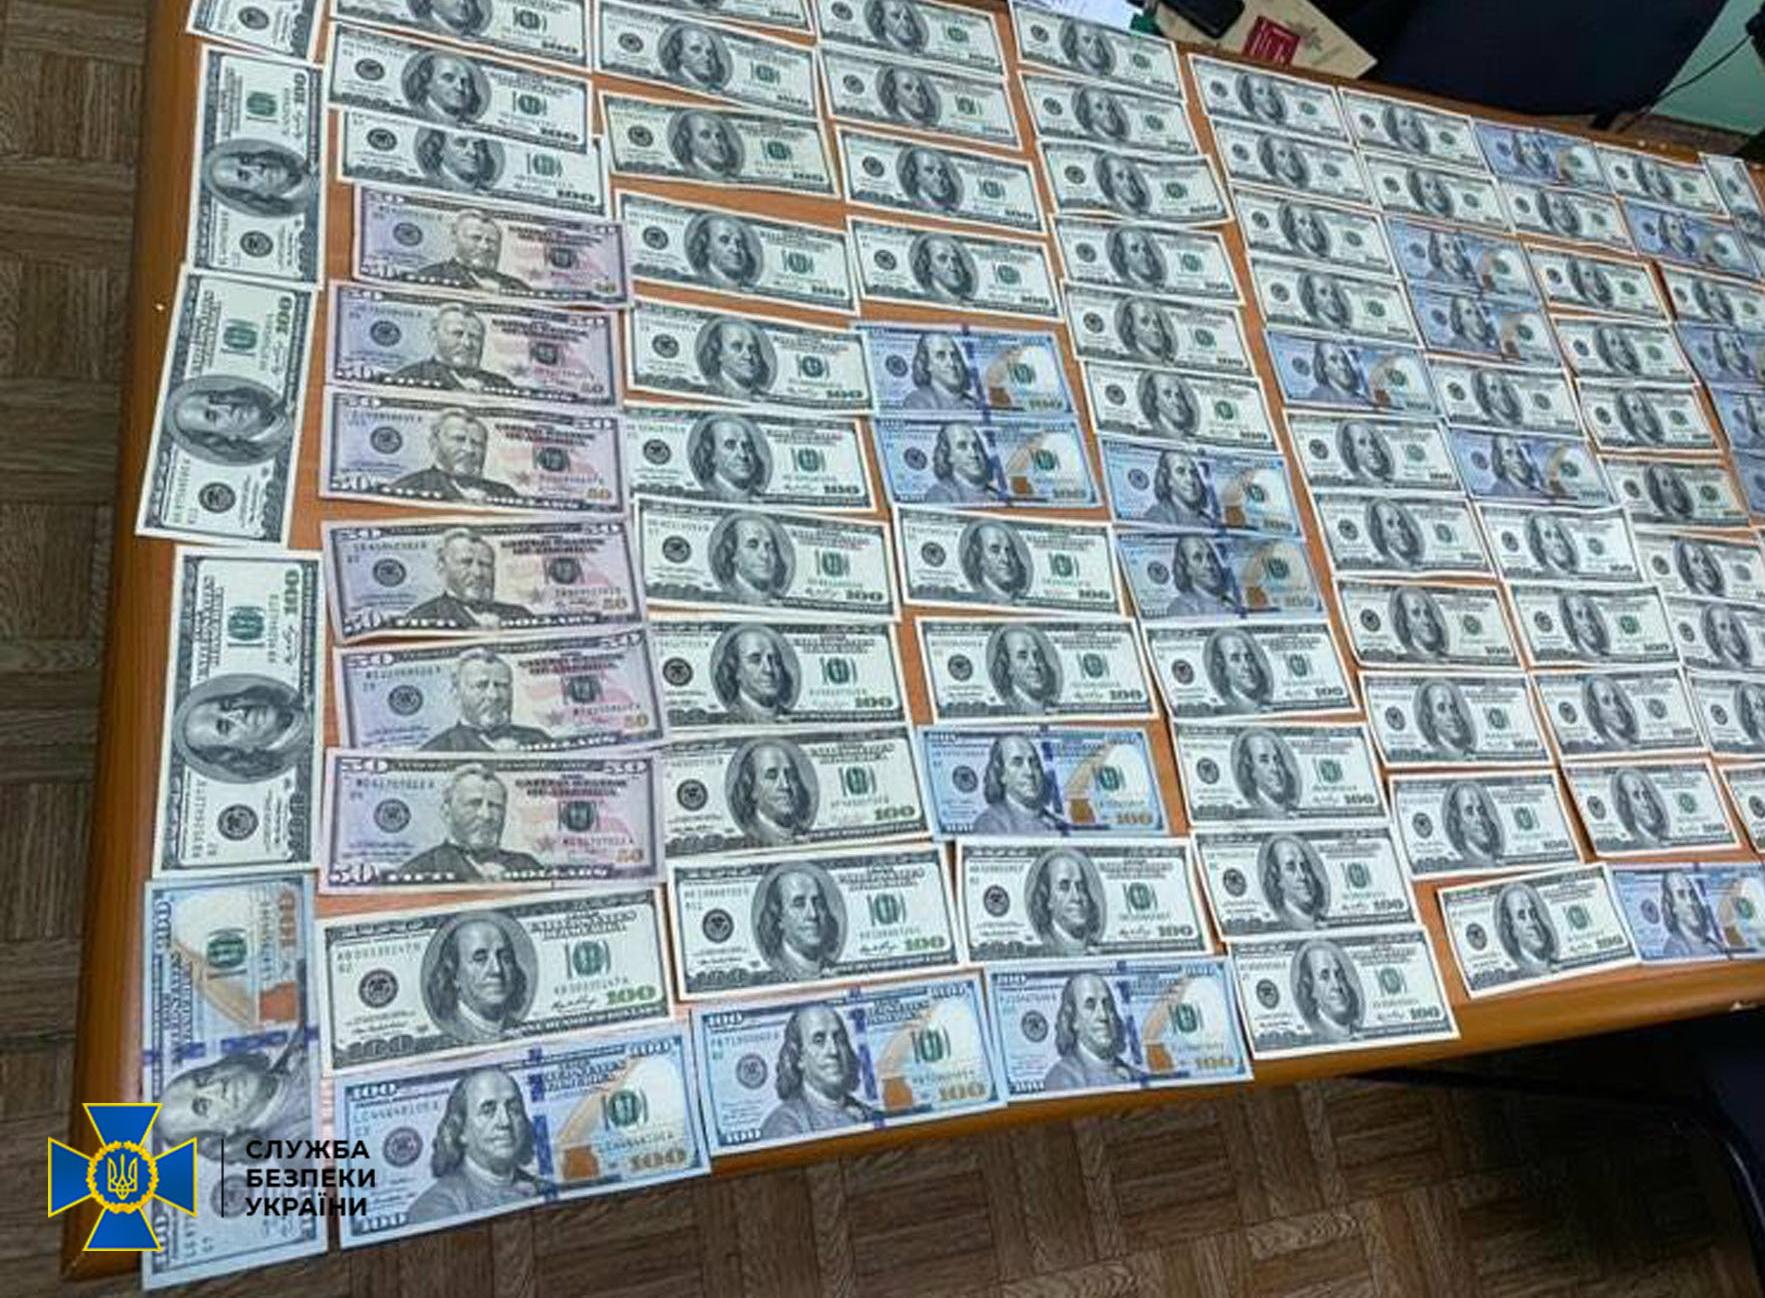 10 тис. доларів хабаря